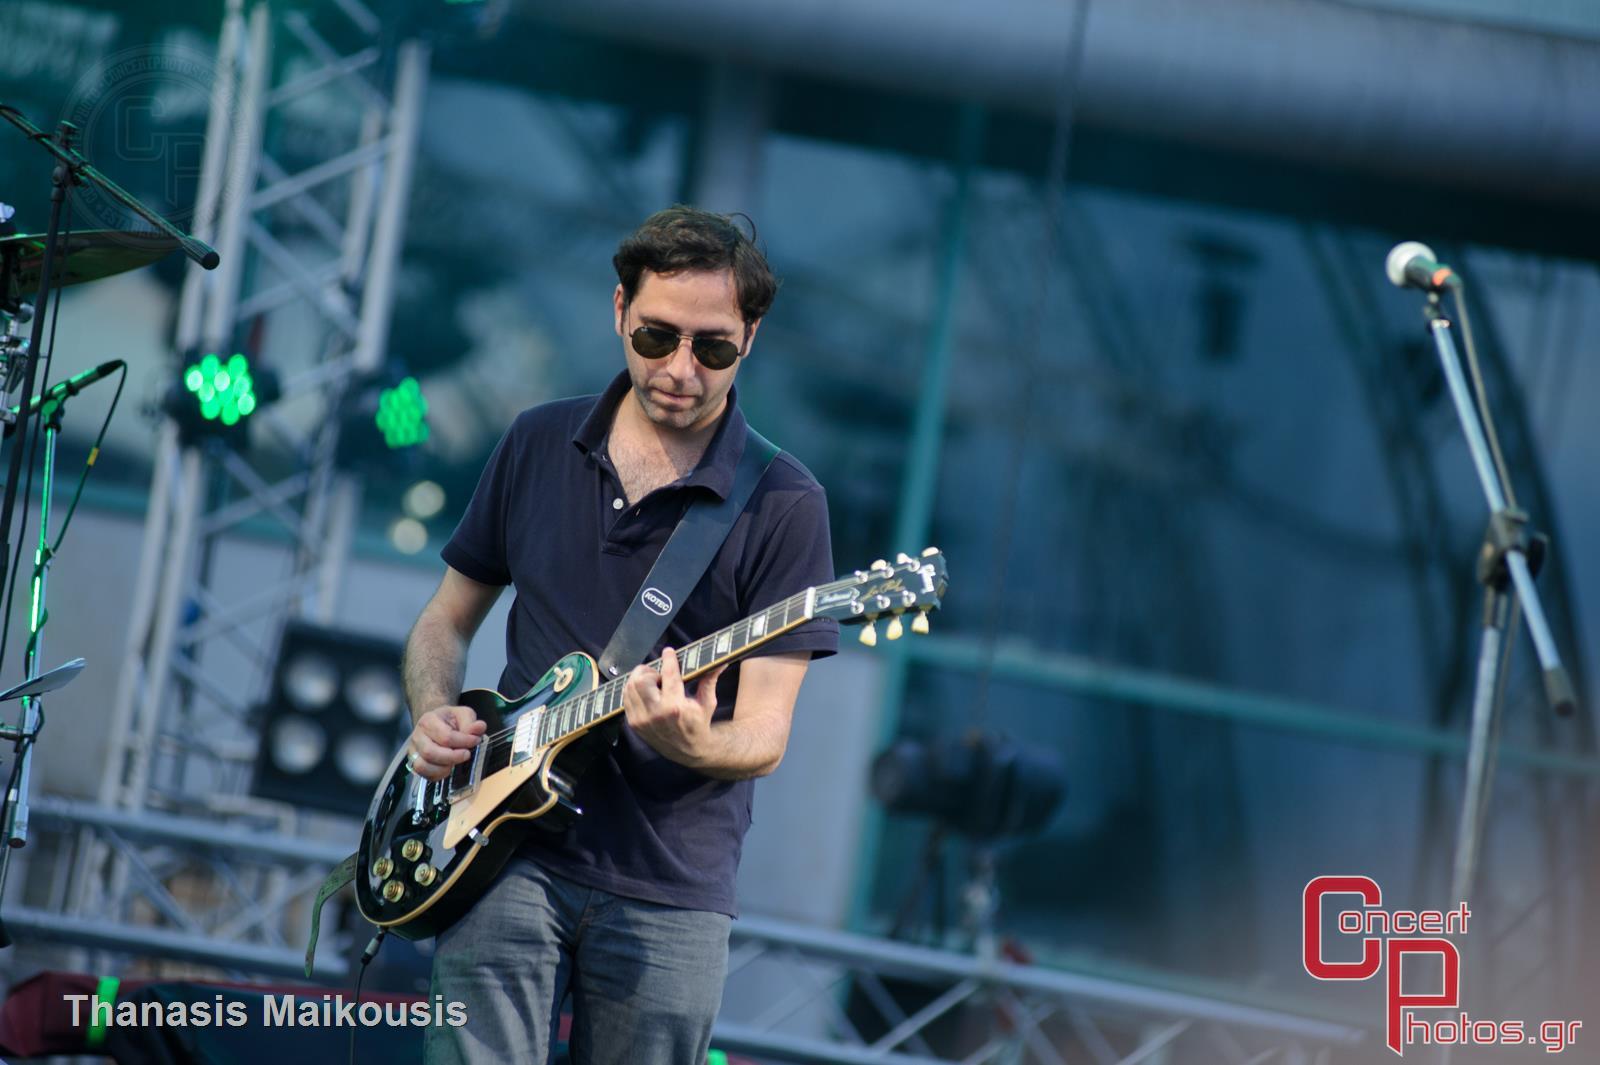 En Lefko 2014-En Lefko 2014 photographer: Thanasis Maikousis - concertphotos_20140620_20_20_46